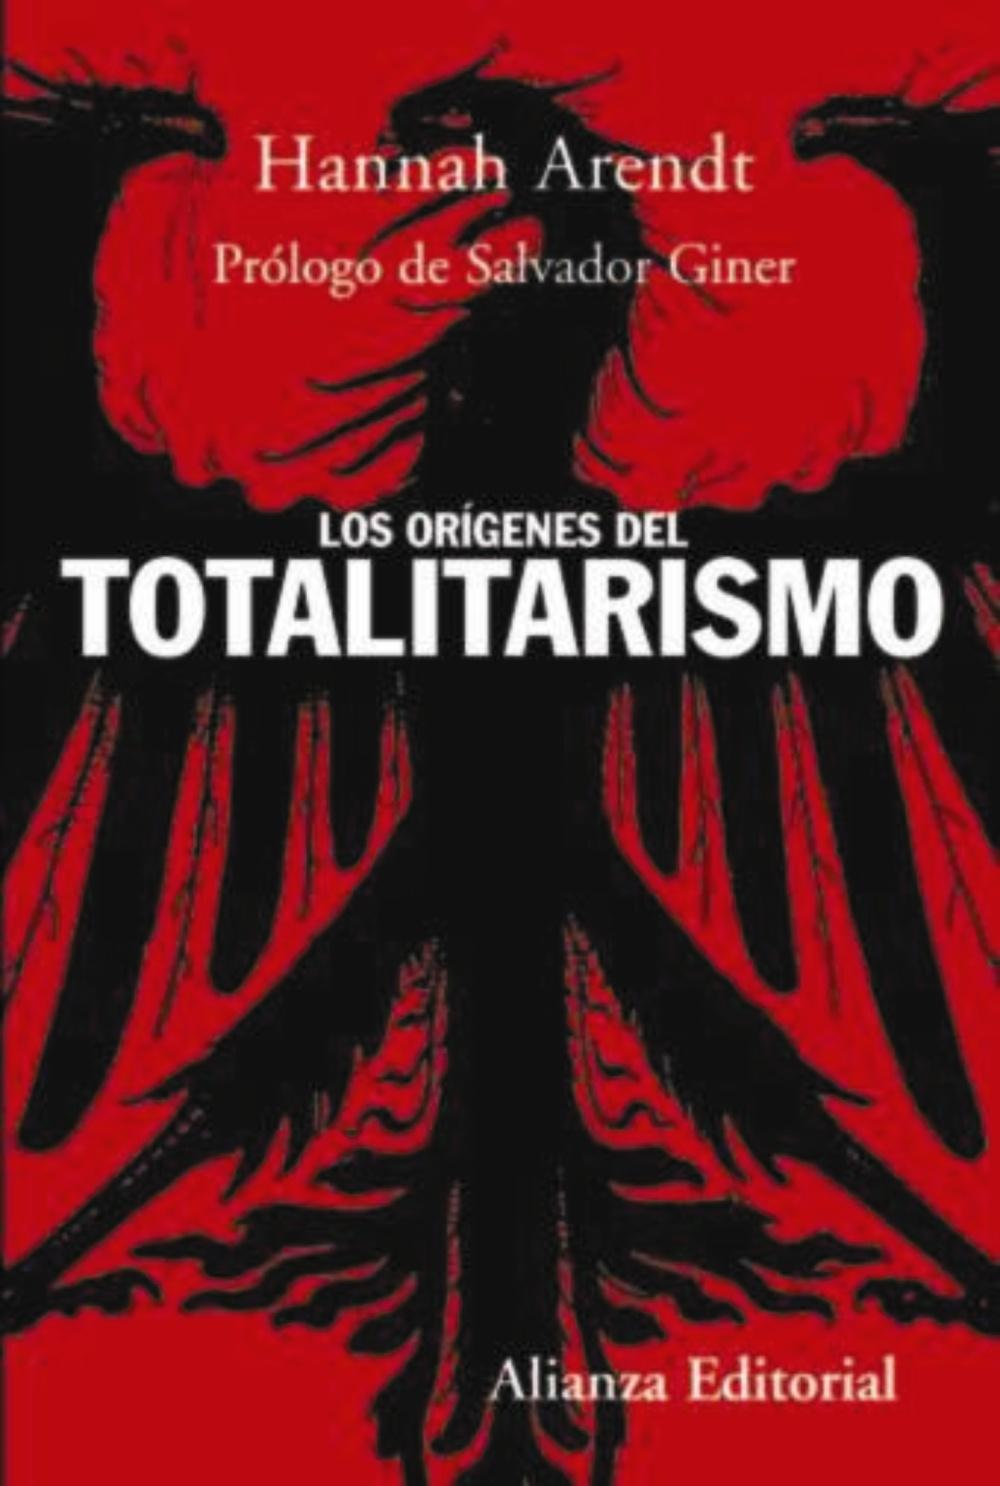 Los Origenes Del Totalitarismo por Hannah Arendt epub